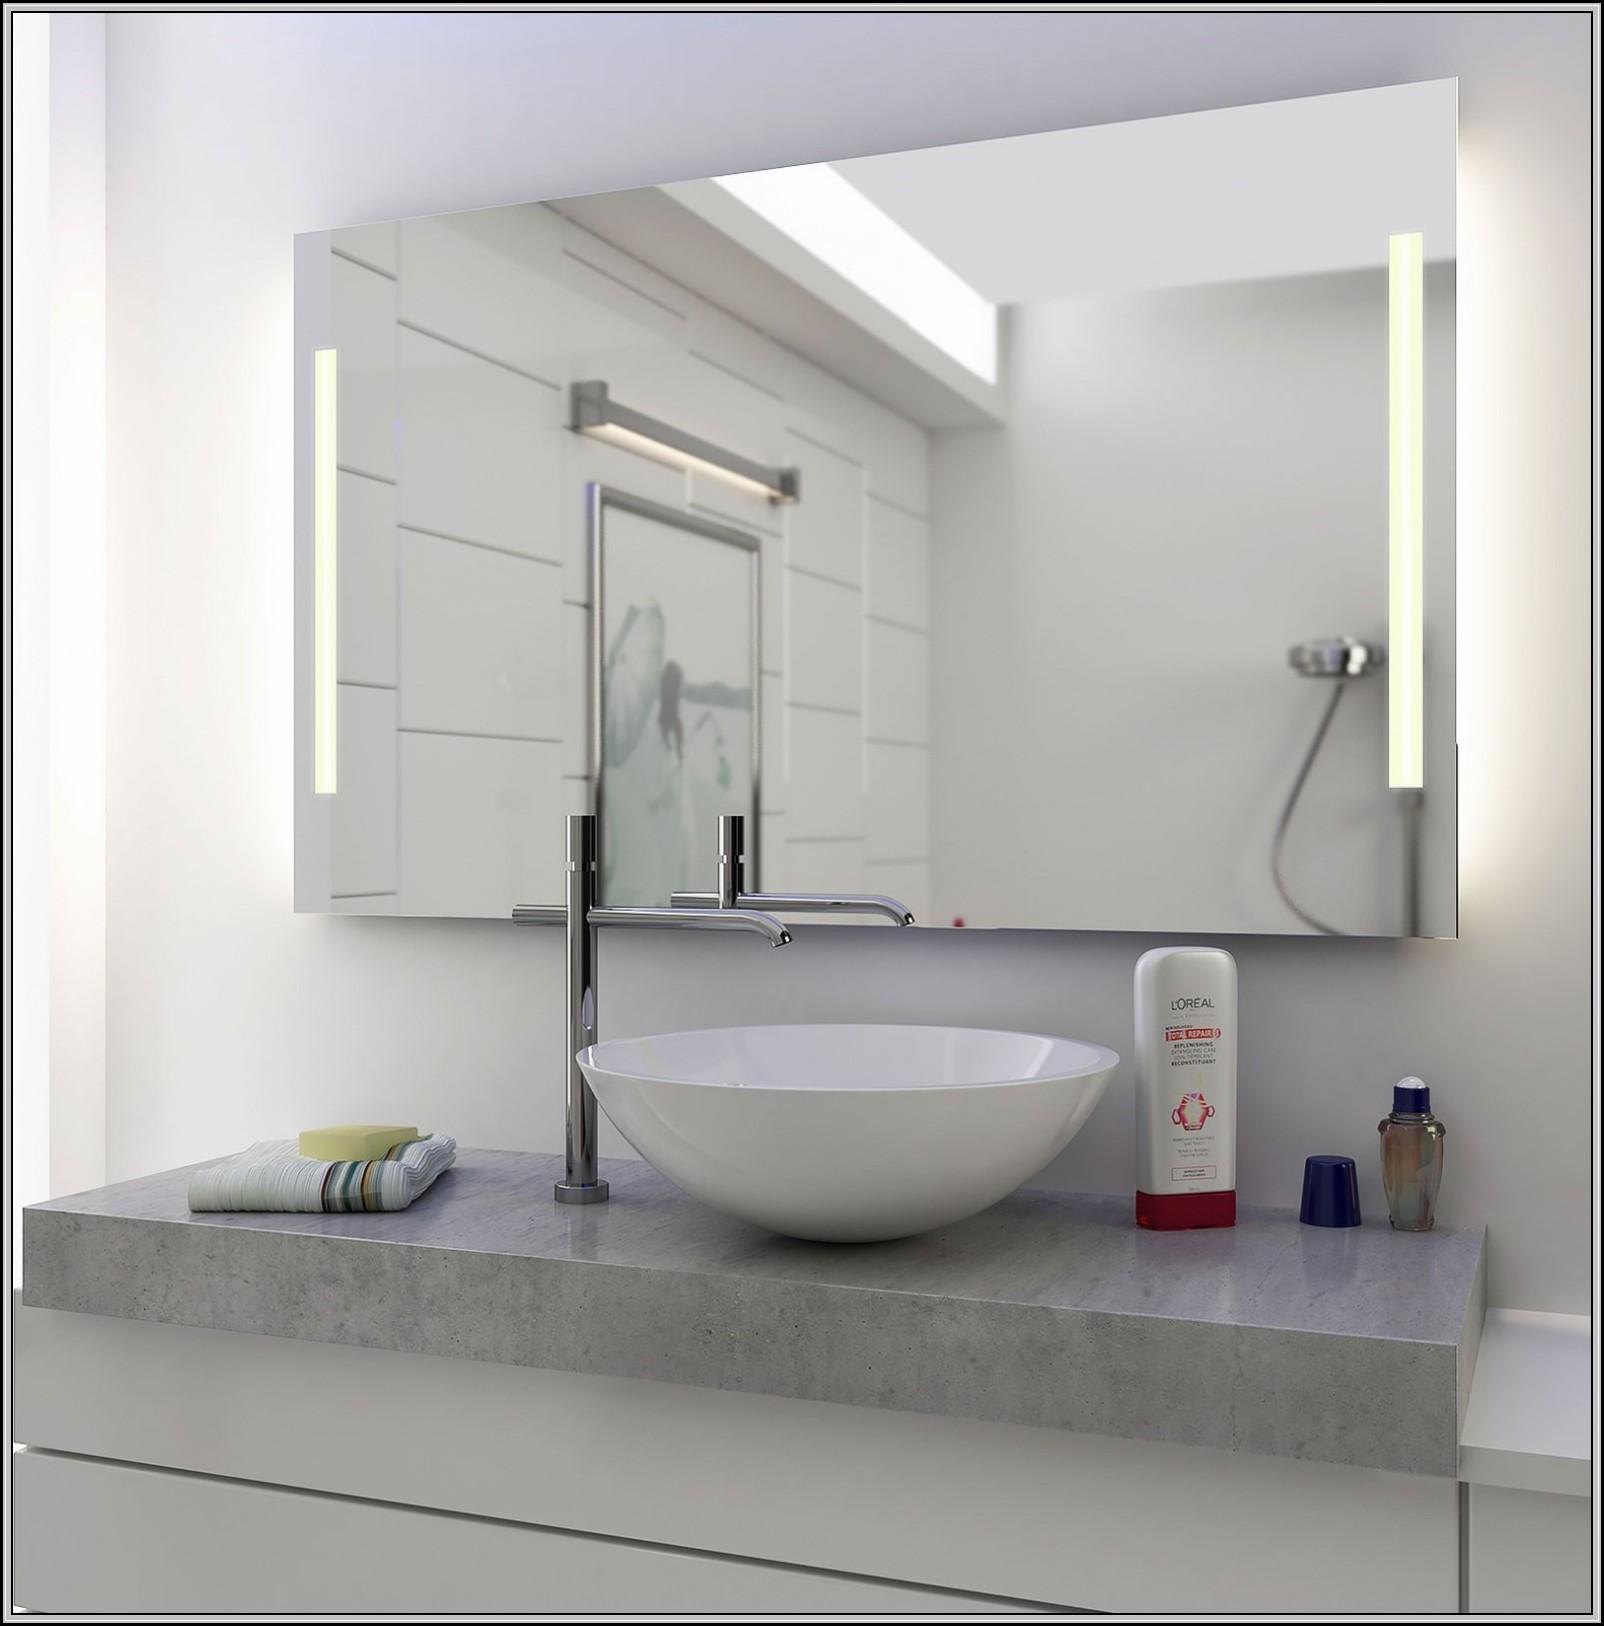 spiegel ohne beleuchtung mit rahmen beleuchthung house und dekor galerie gz10az2ryj. Black Bedroom Furniture Sets. Home Design Ideas